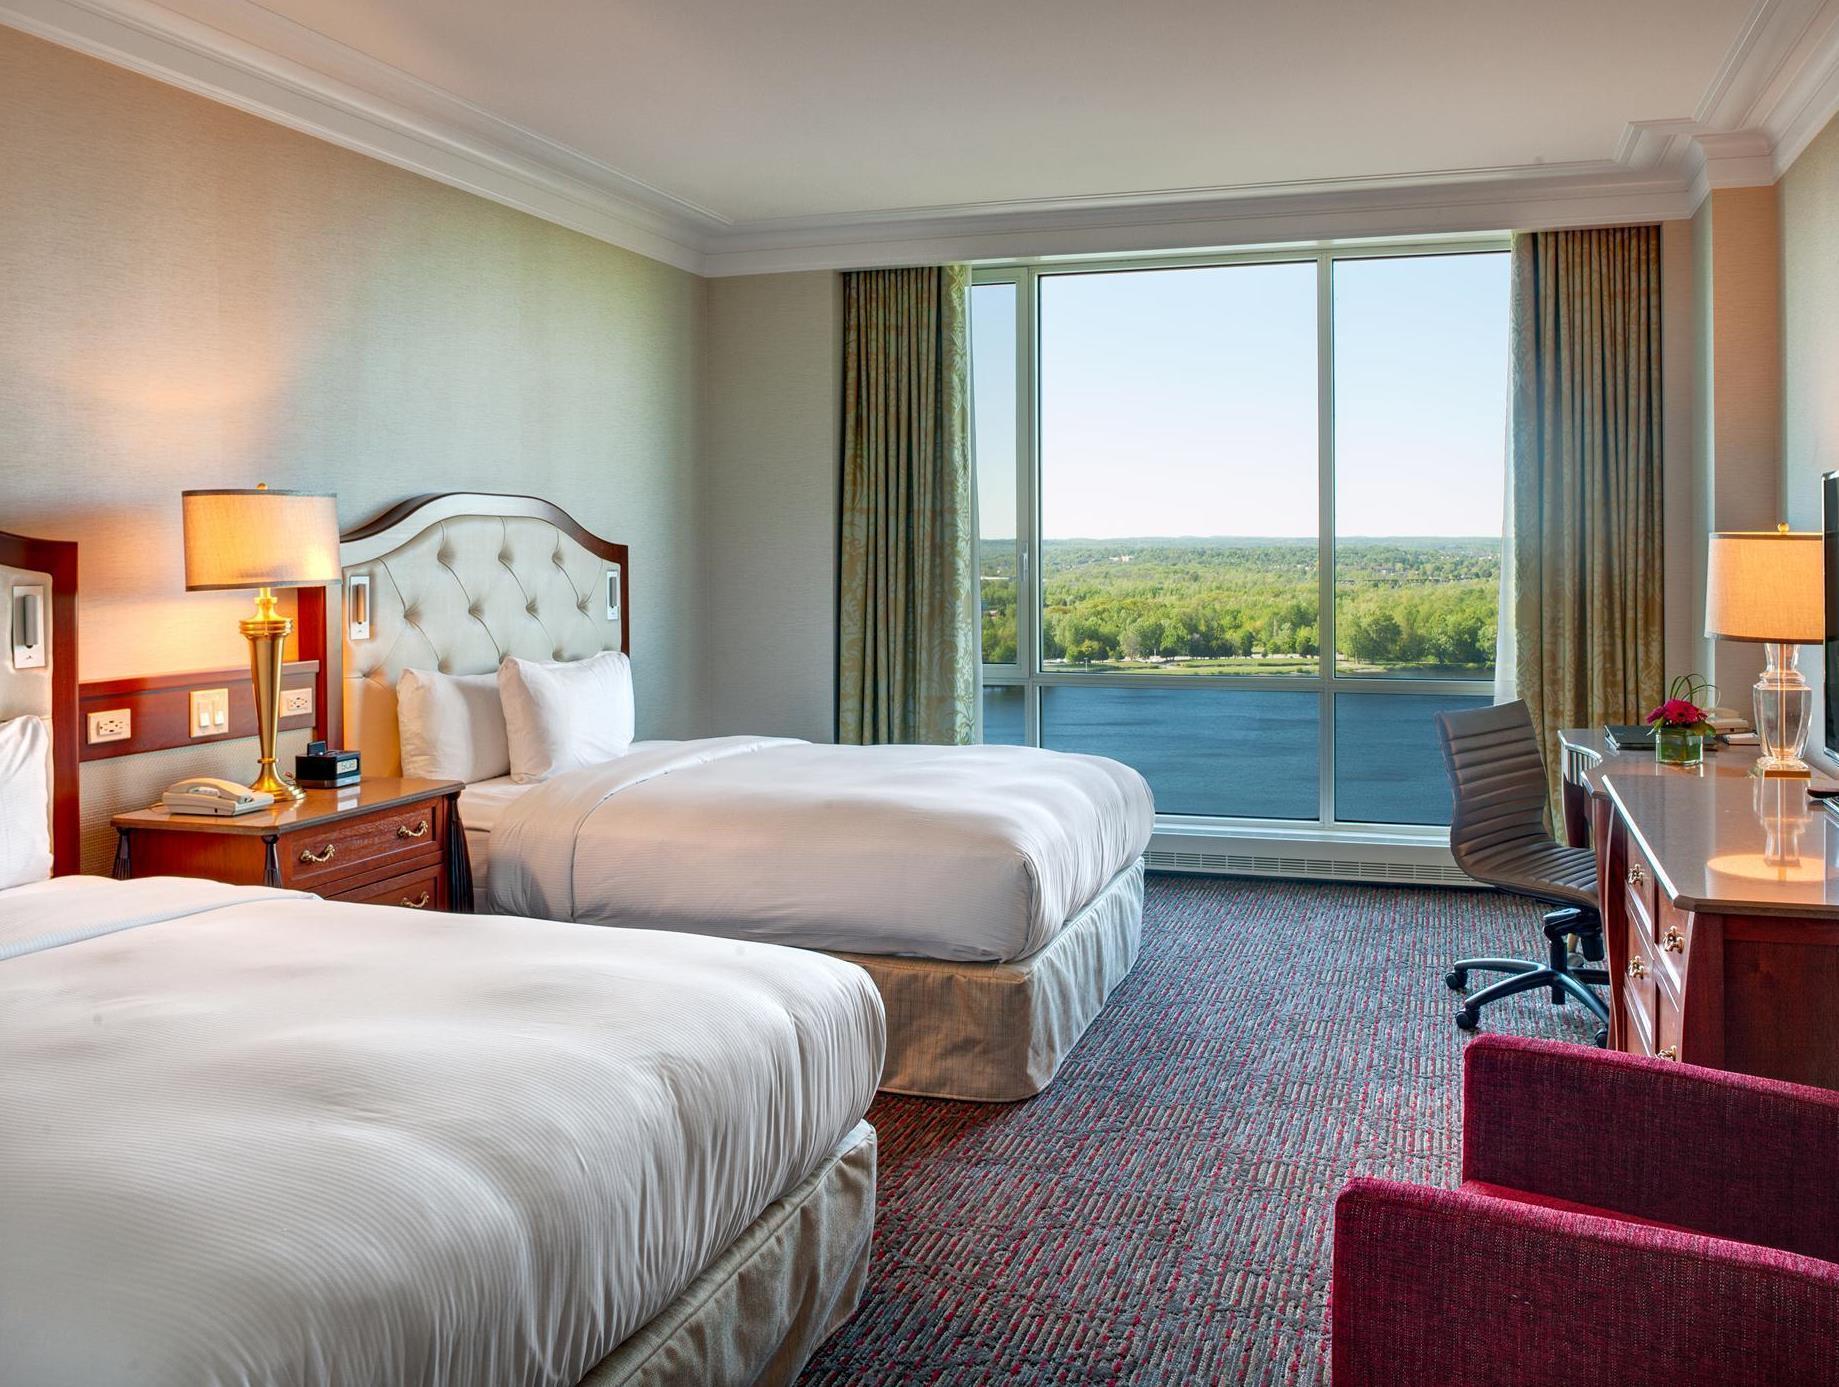 Hilton Lac Leamy Hotel